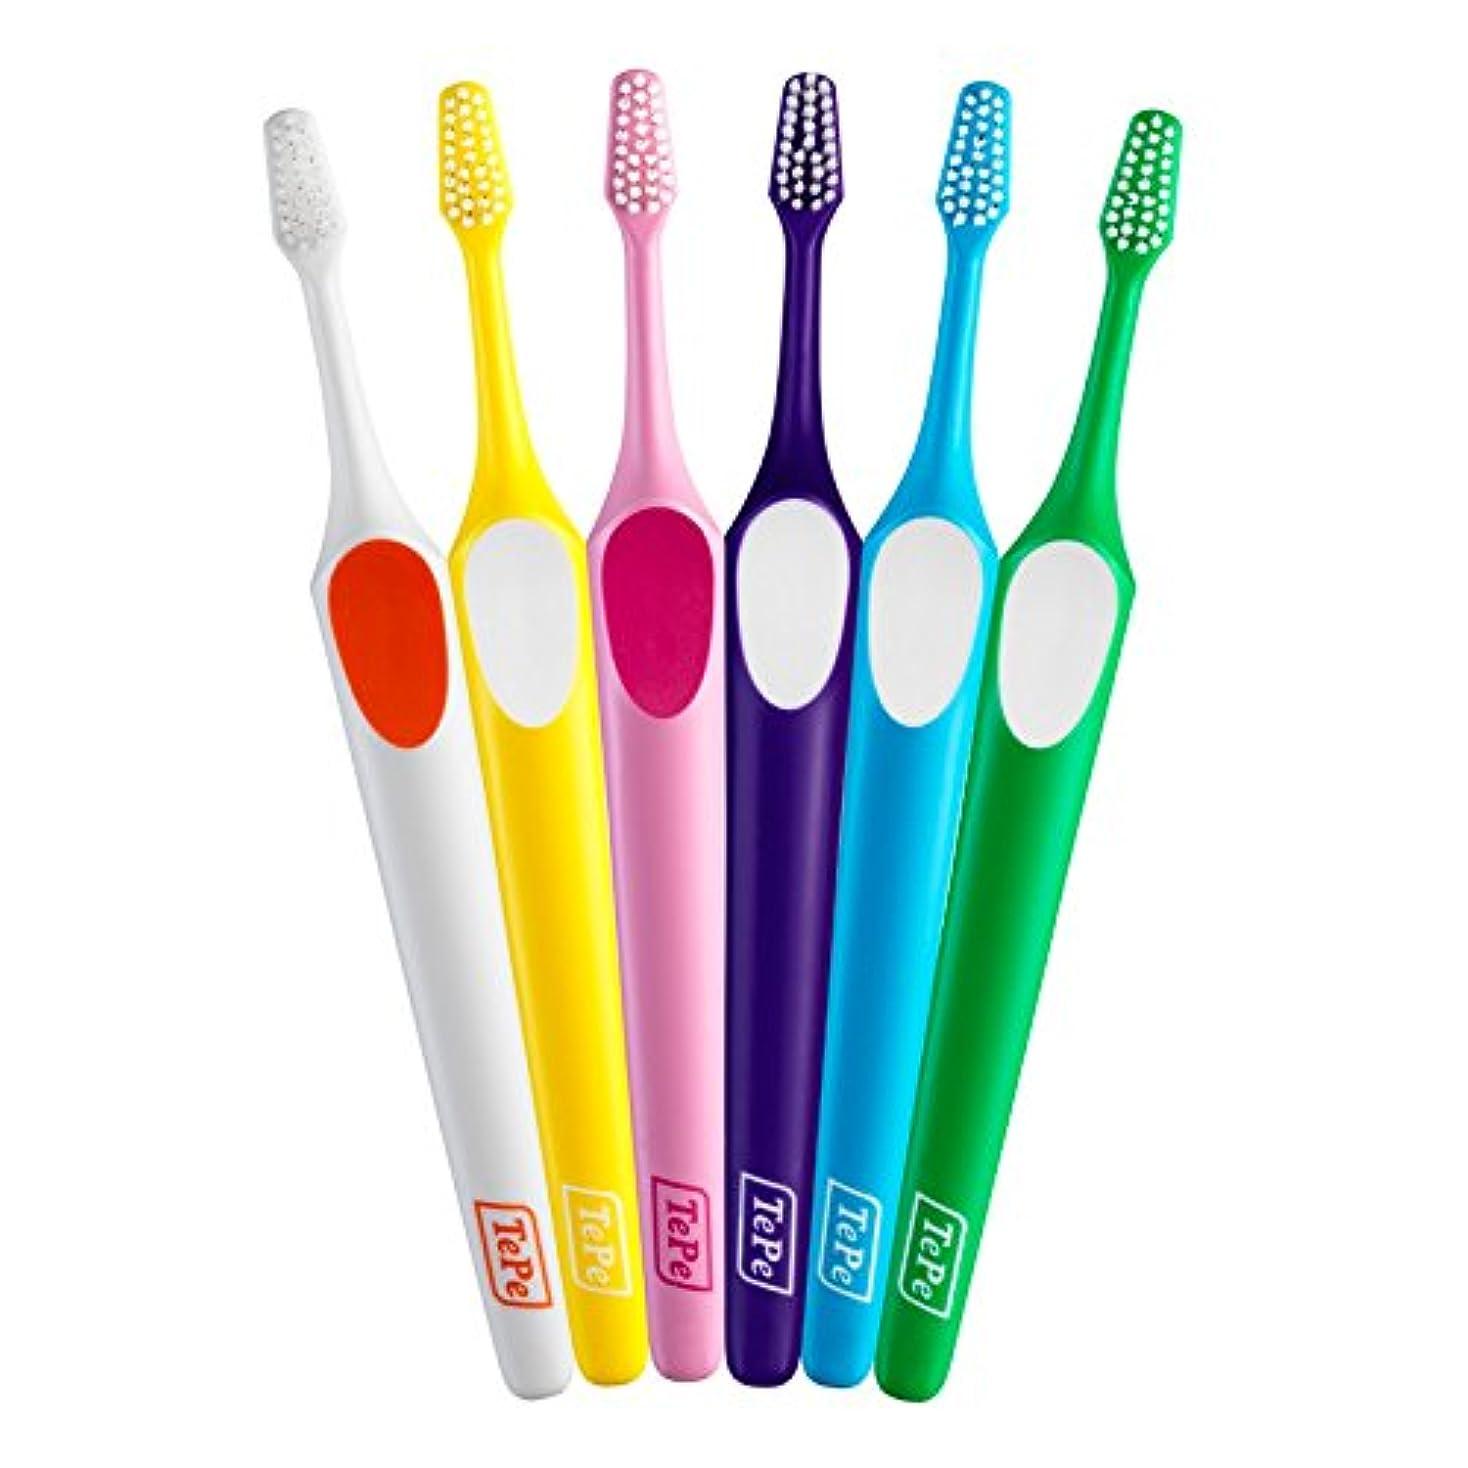 テペ(TePe) 歯ブラシ スプリーム コンパクト × 5本